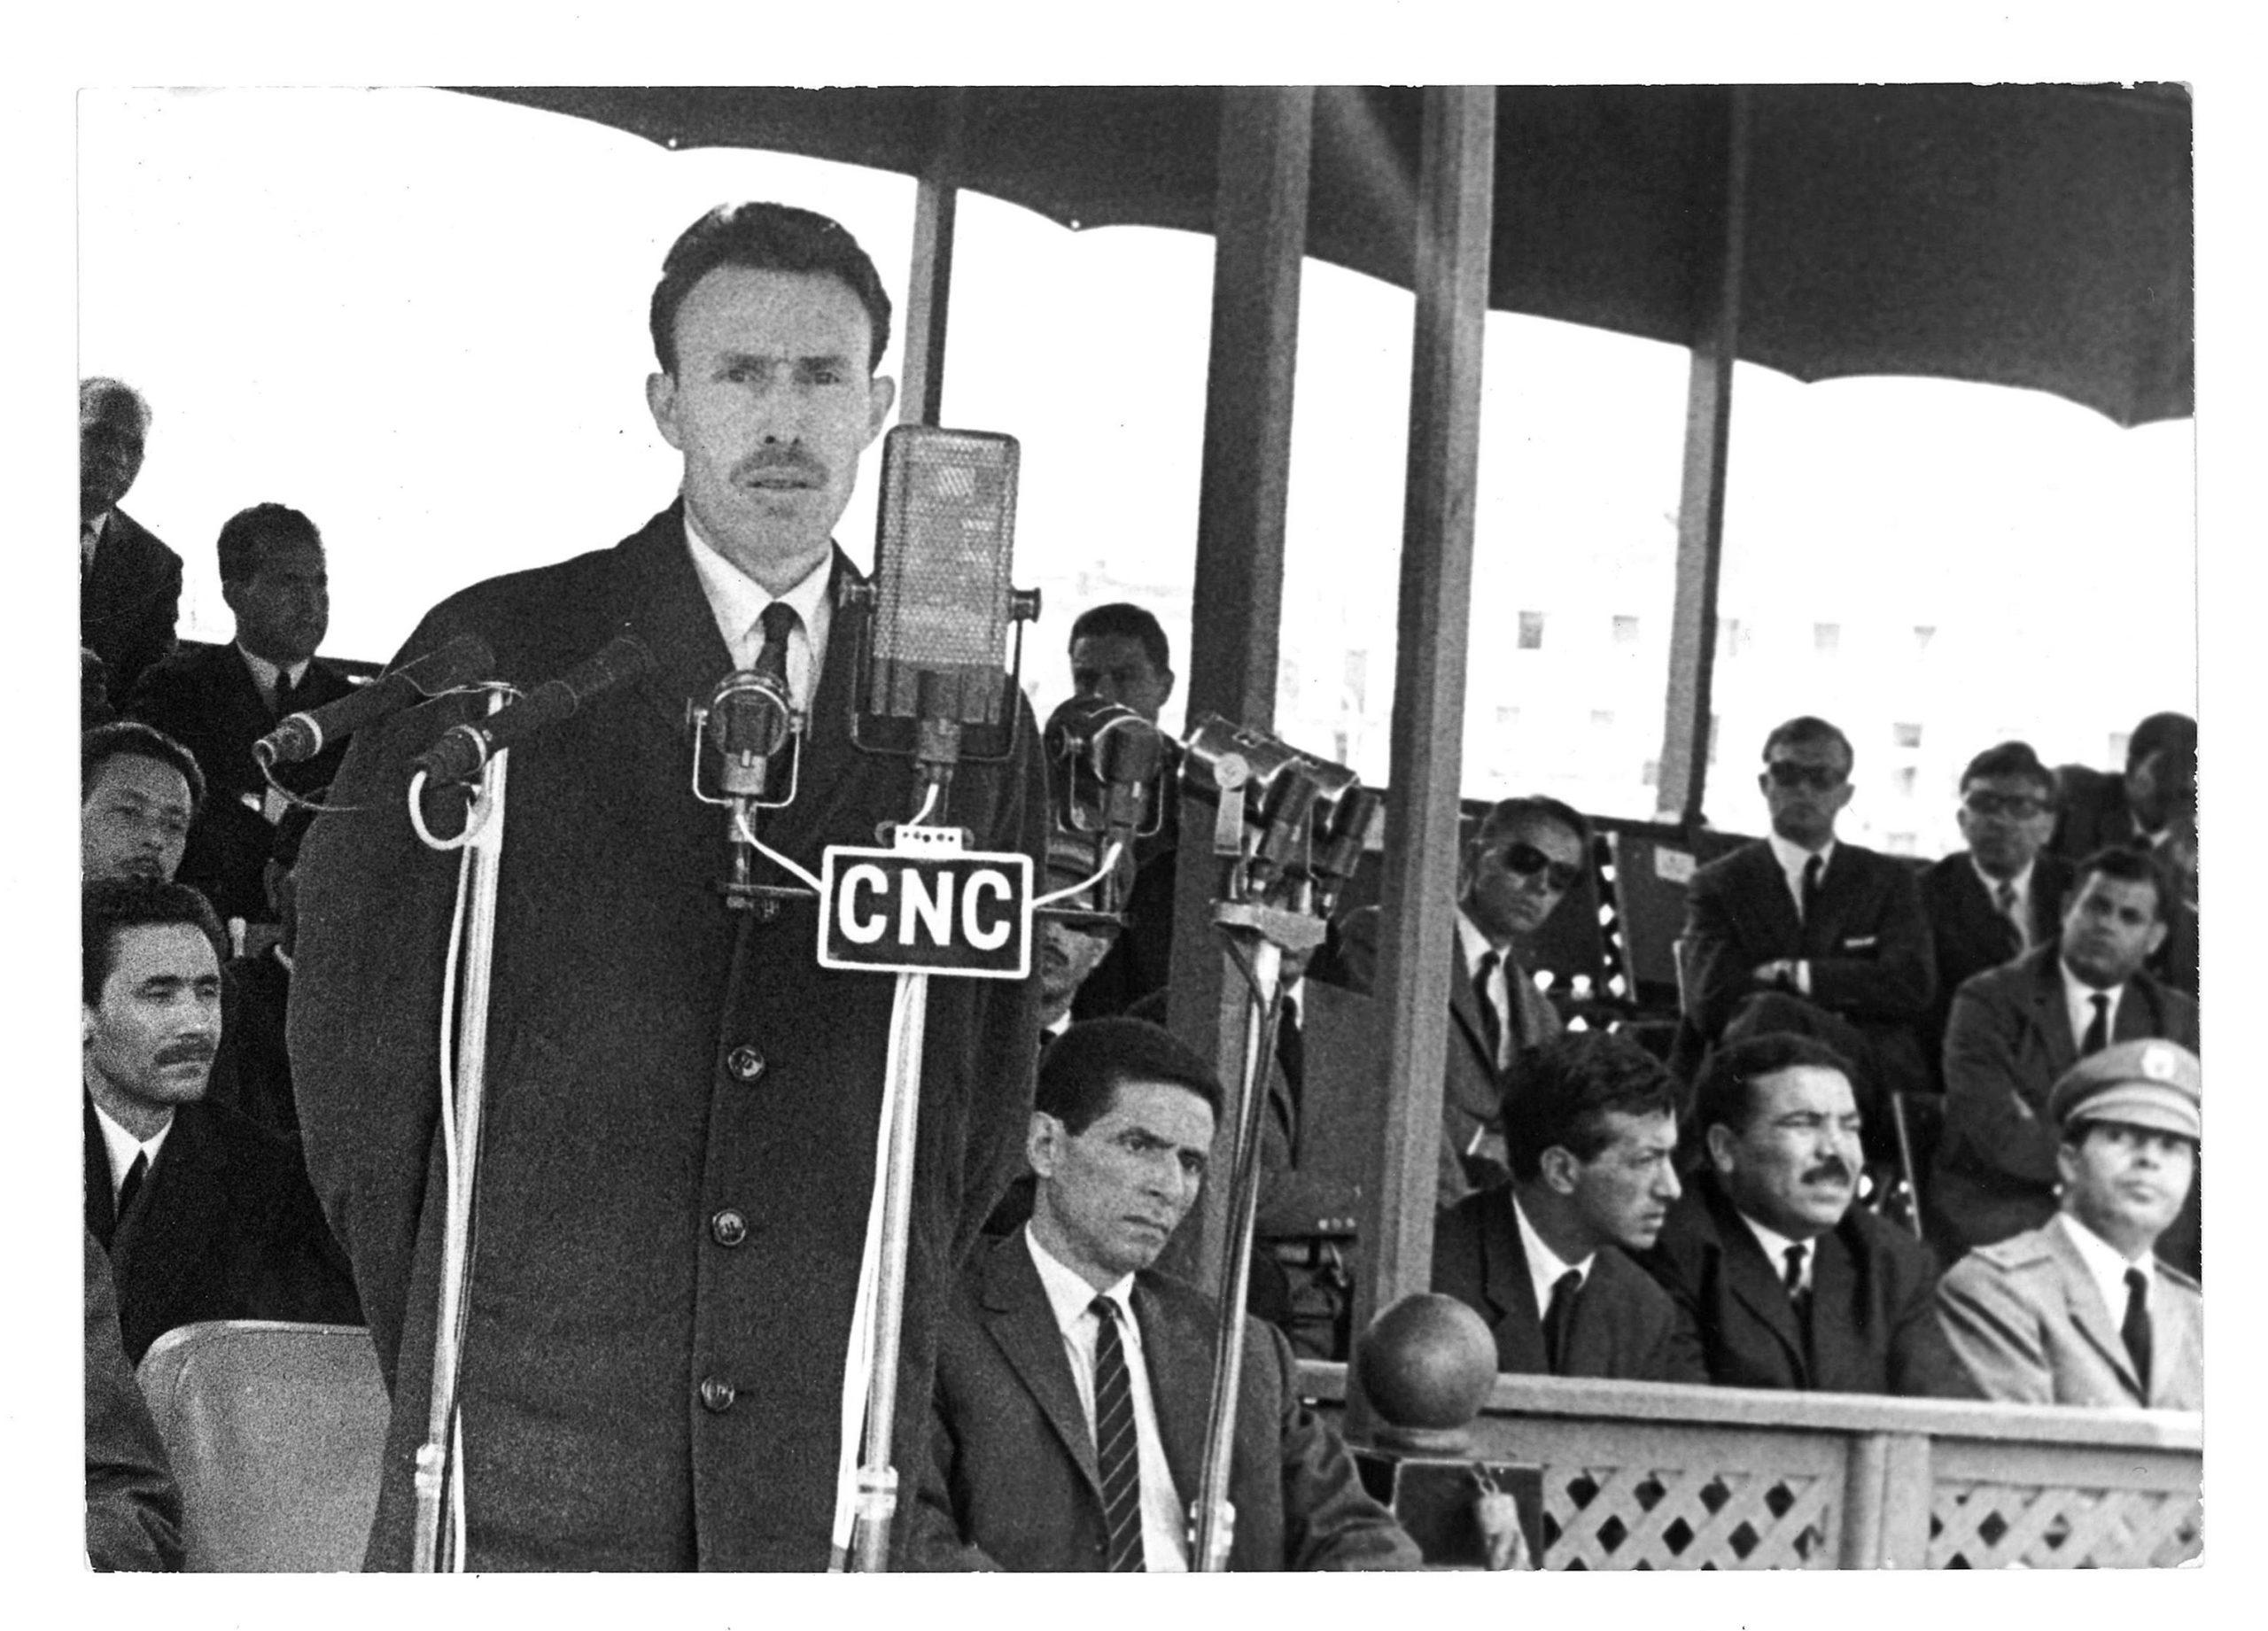 Le président de la République algérienne Houari Boumédiène s'adresse aux militants de l'Union Générale des Travailleurs Algériens (UGTA), à Alger, le 1er mai 1966.